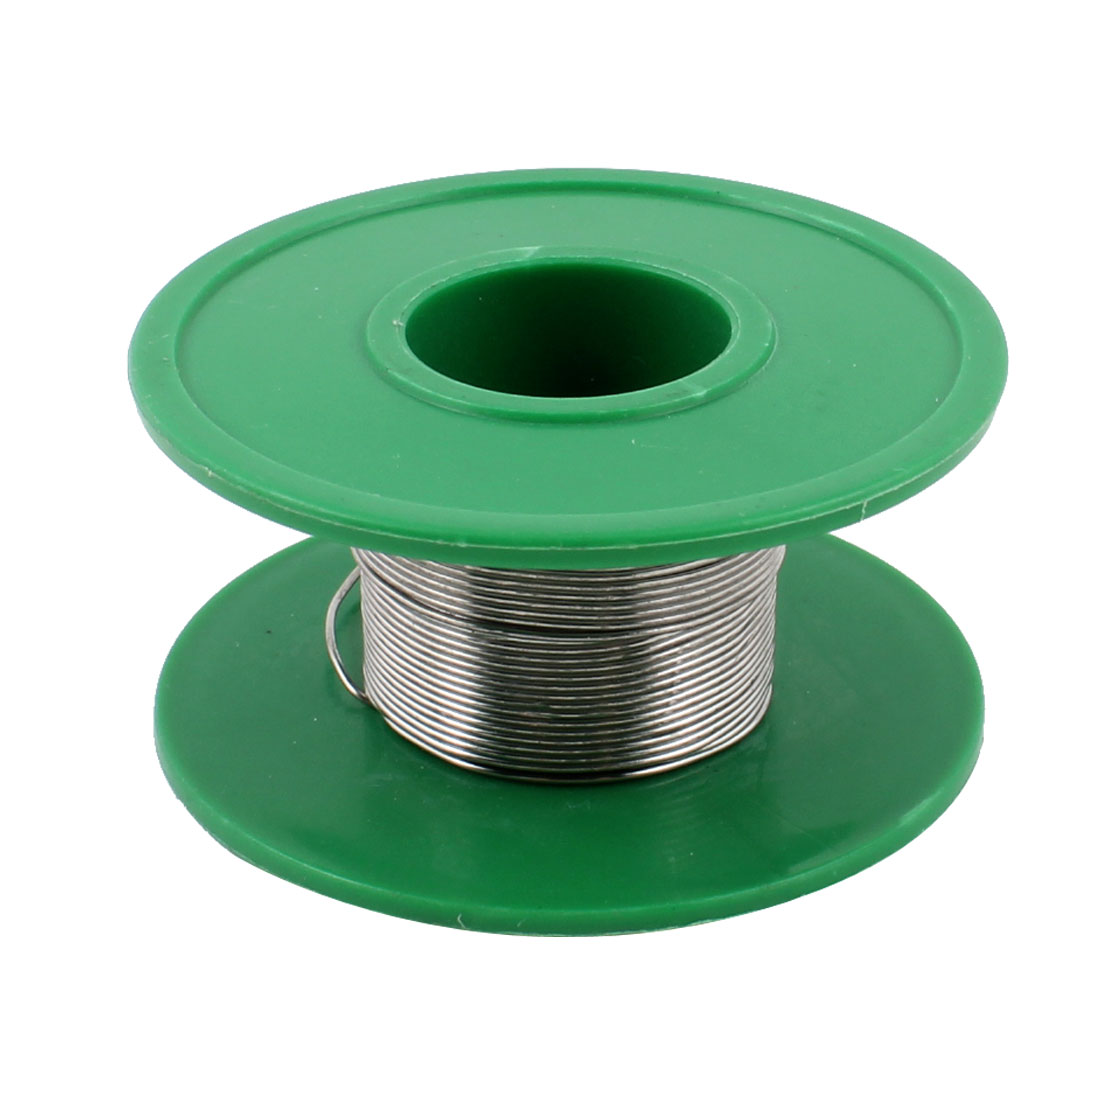 0.6mm Diameter 63/37 Tin Lead Soldering Desoldering Solder Wire Reel